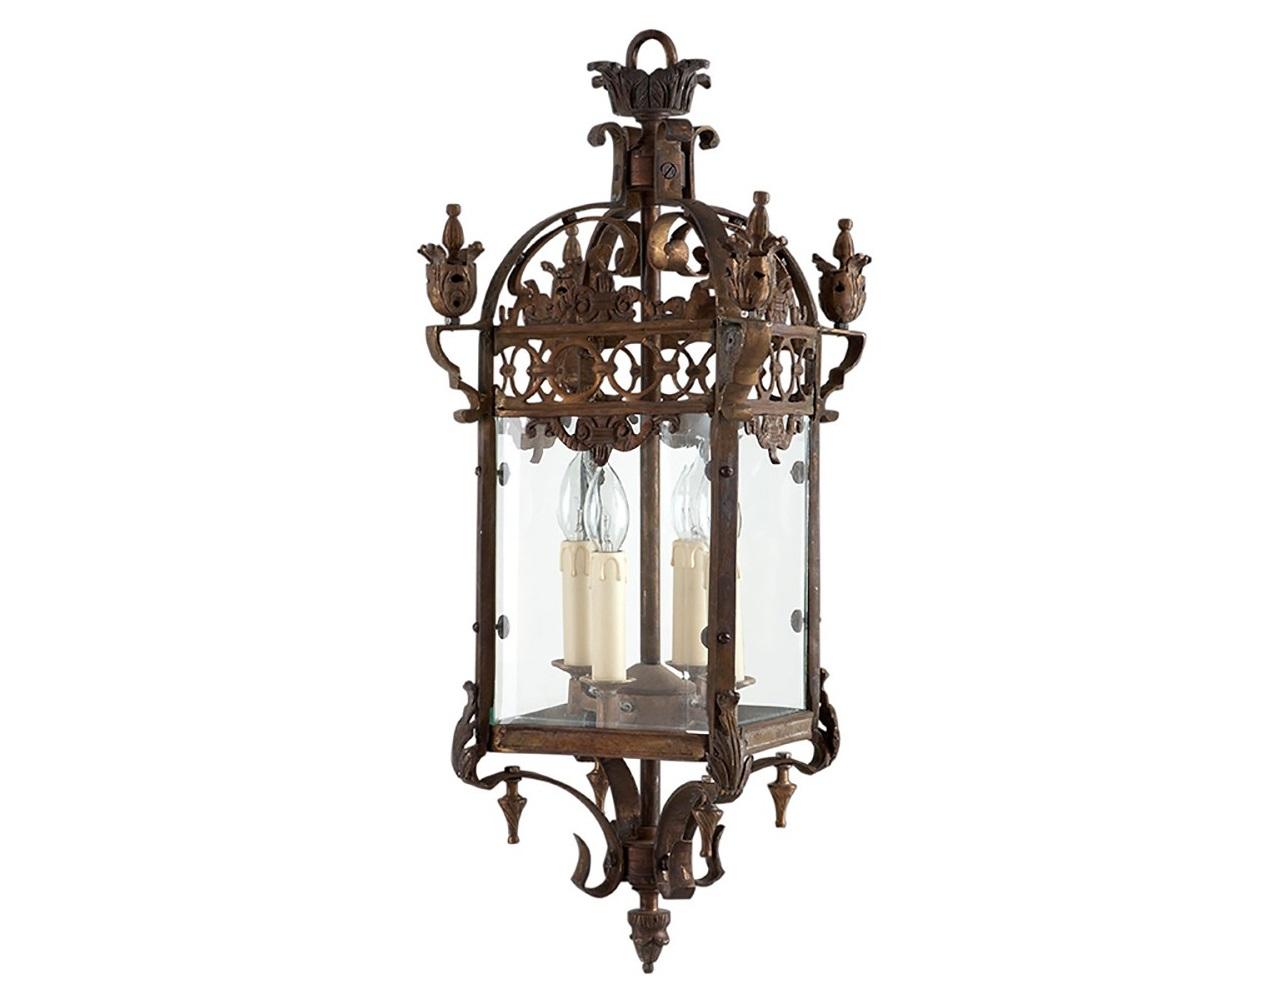 Подвесной светильникПодвесные светильники<br>Подвесной светильник-лантерна из коллекции Lantern Maintenon на арматуре из металла цвета состаренная латунь с золотой патиной. Створки плафона выполнены из прозрачного стекла.&amp;amp;nbsp;&amp;lt;div&amp;gt;&amp;lt;br&amp;gt;&amp;lt;div&amp;gt;&amp;lt;div&amp;gt;Цоколь: E14&amp;lt;/div&amp;gt;&amp;lt;div&amp;gt;Мощность: 40W&amp;lt;/div&amp;gt;&amp;lt;div&amp;gt;Количество ламп: 4&amp;lt;/div&amp;gt;&amp;lt;/div&amp;gt;&amp;lt;/div&amp;gt;<br><br>Material: Металл<br>Height см: 87<br>Diameter см: 36